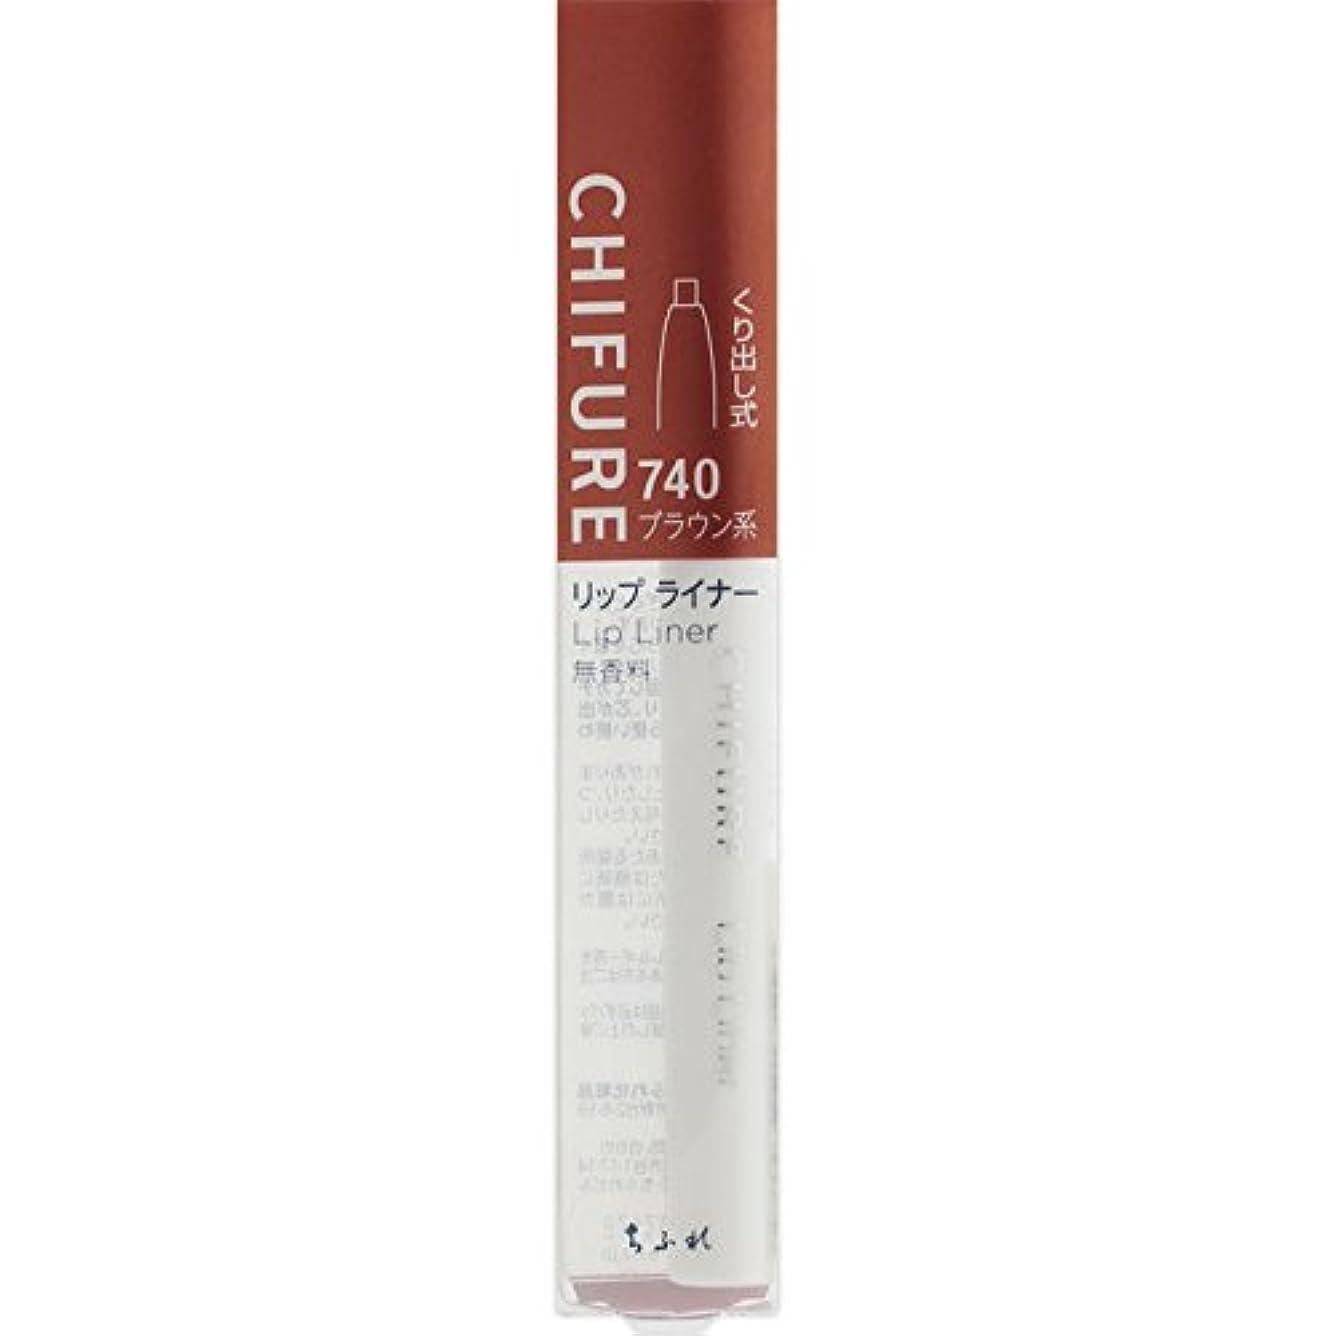 変形する肌寒いミシンちふれ化粧品 リップ ライナー ブラウン系 740